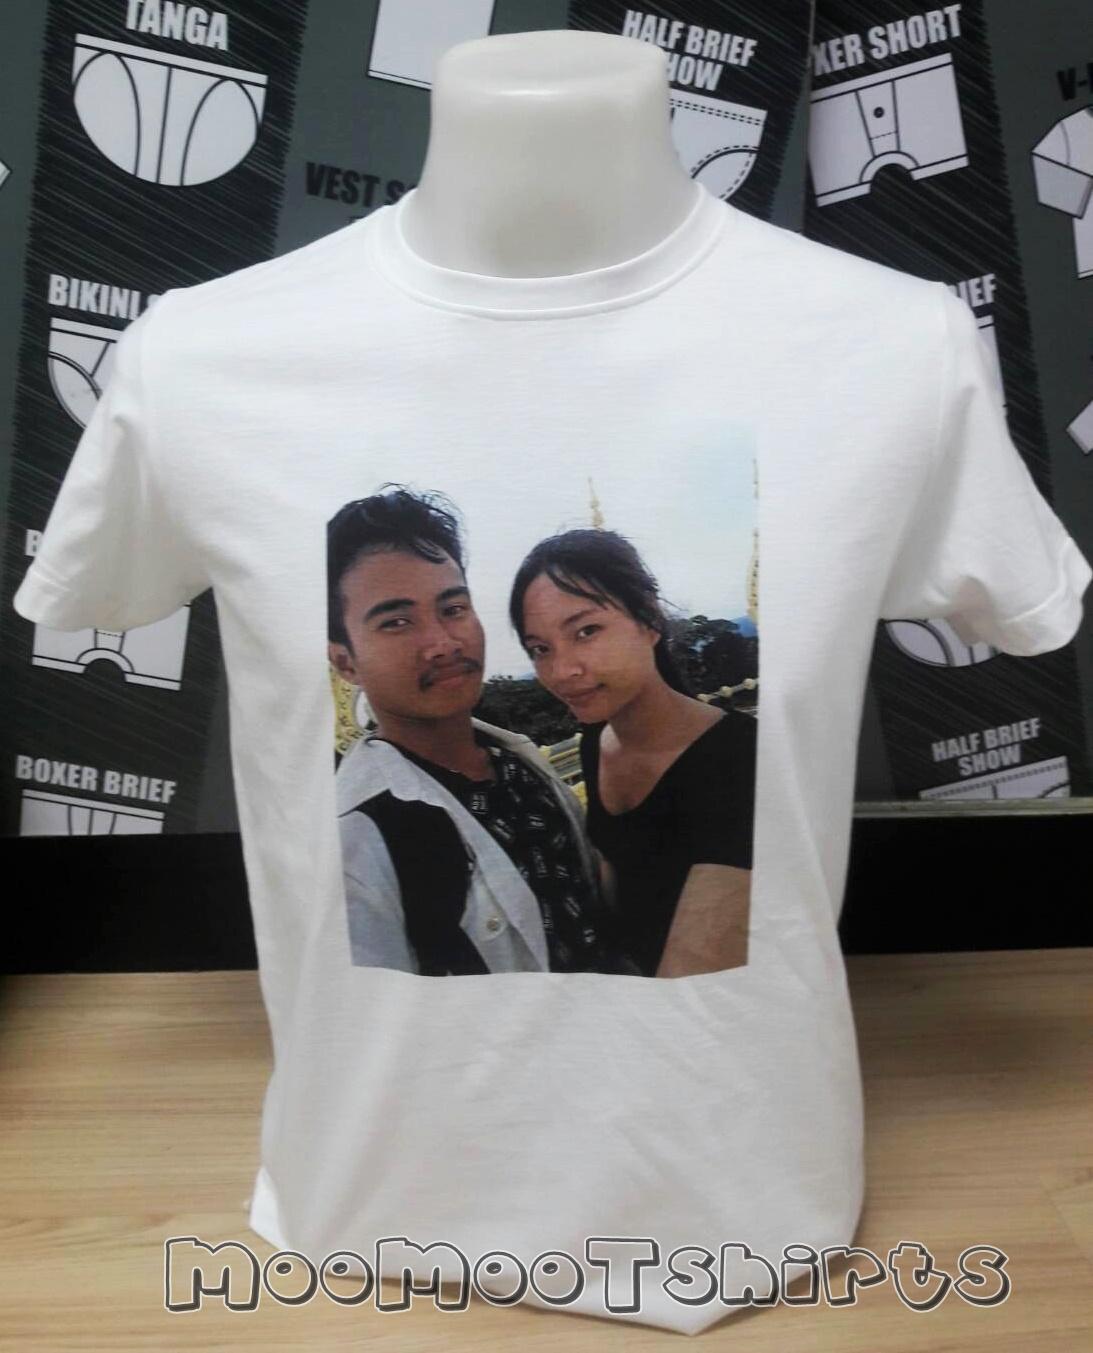 เสื้อยืดสีขาว พิมพ์รูปภาพ เราเป็นร้านรับสกรีนเสื้อด้วยระบบ DTG ราคาถูก งานดีมีคุณภาพ